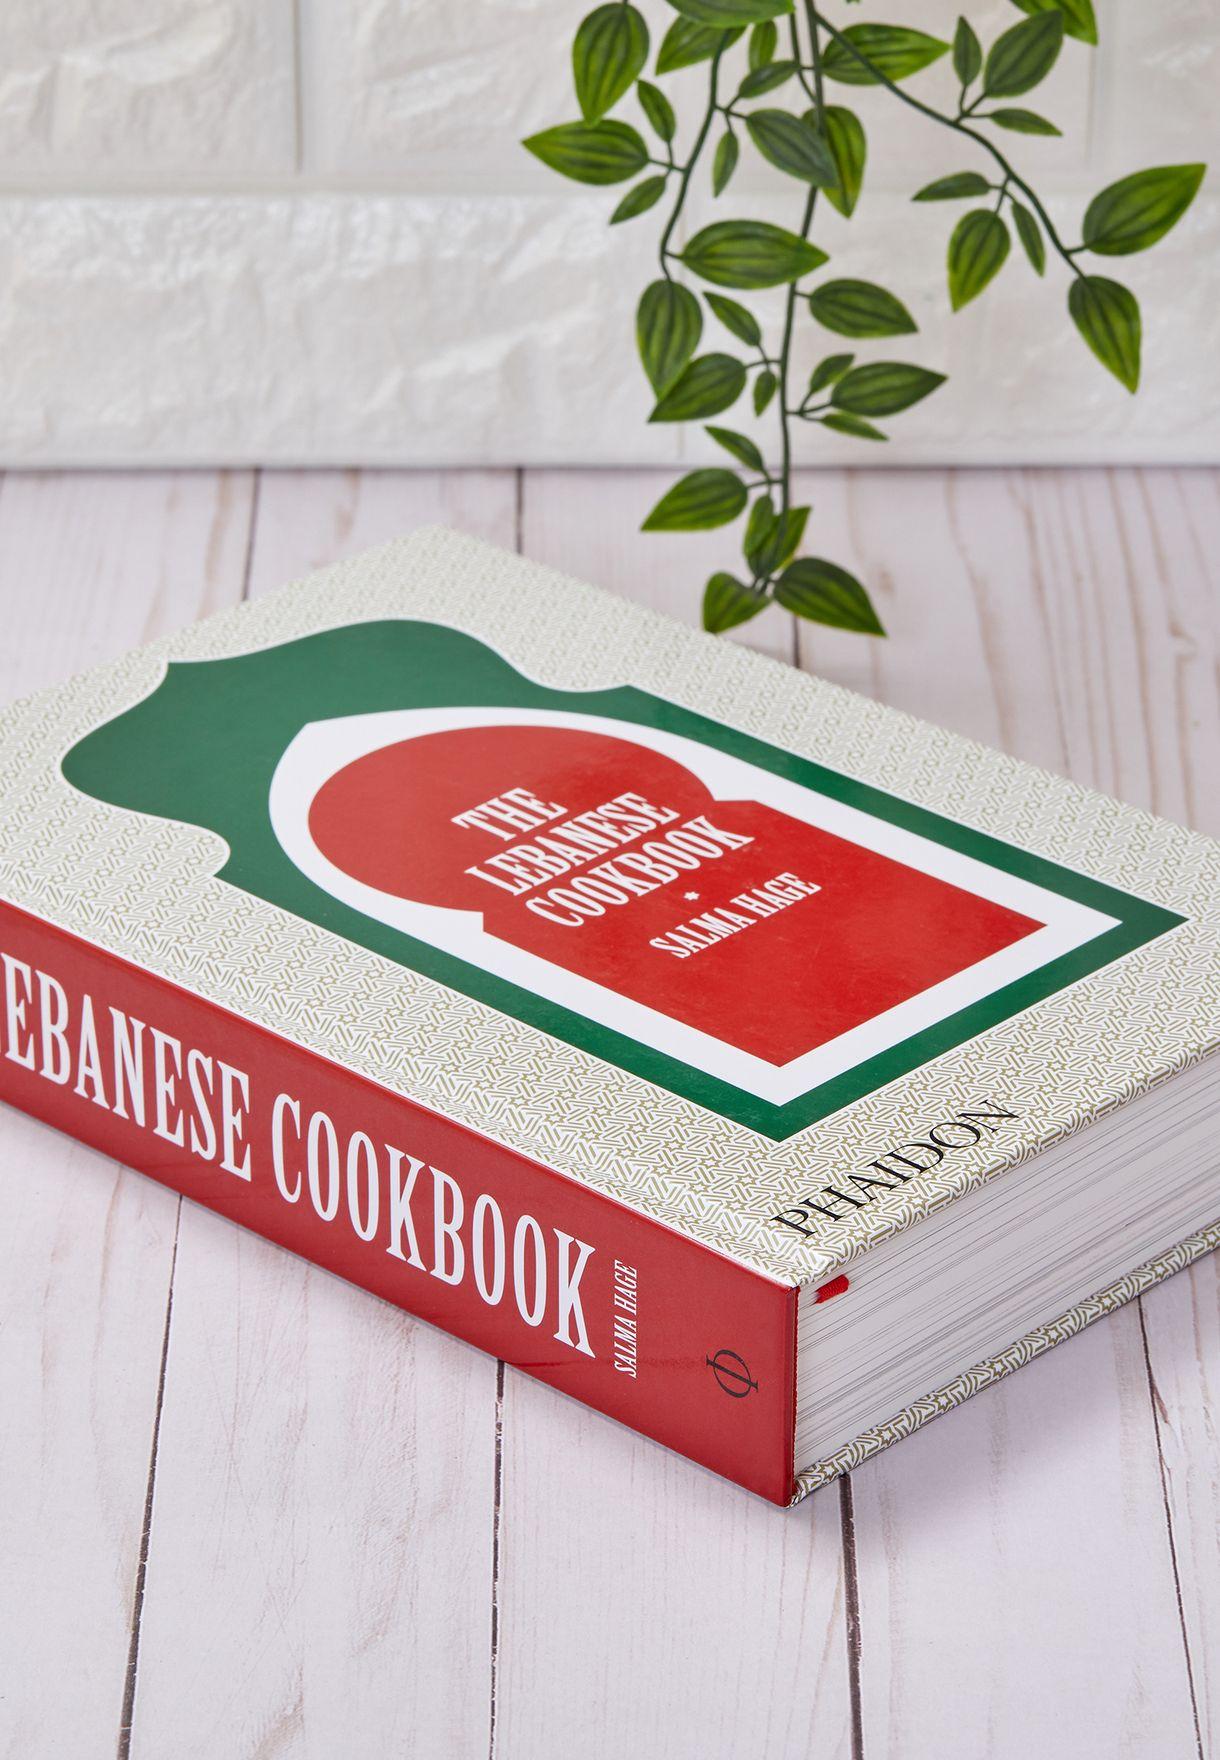 كتاب الطهي البناني